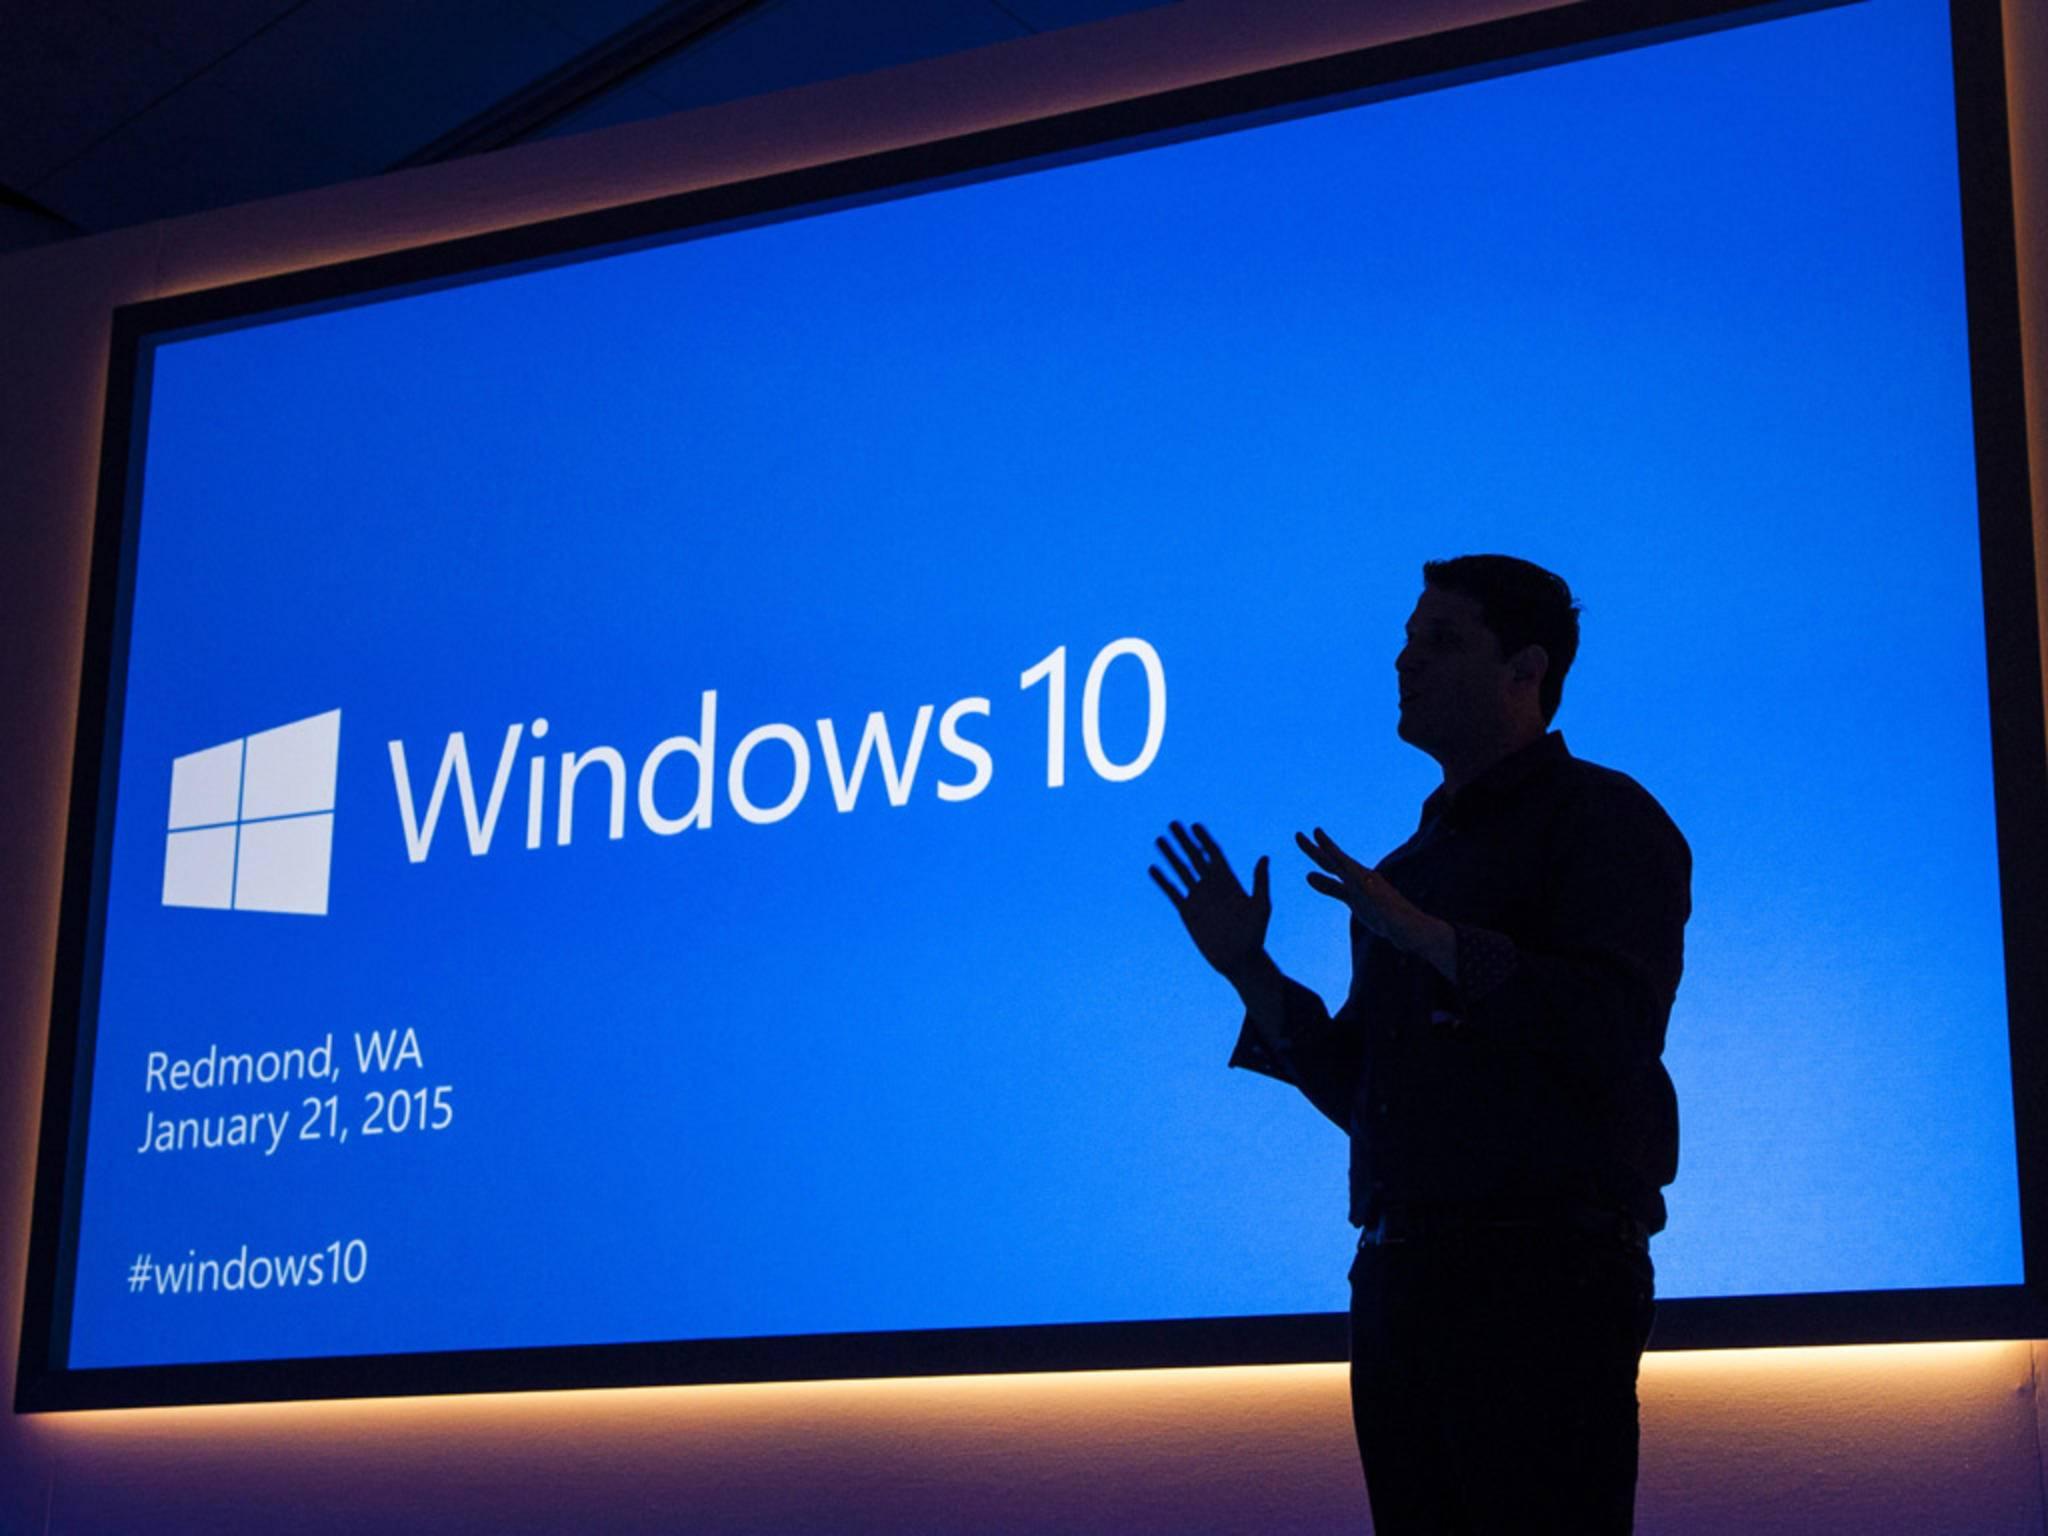 Windows 10 läuft mittlerweile auf über 110 Millionen Geräten.